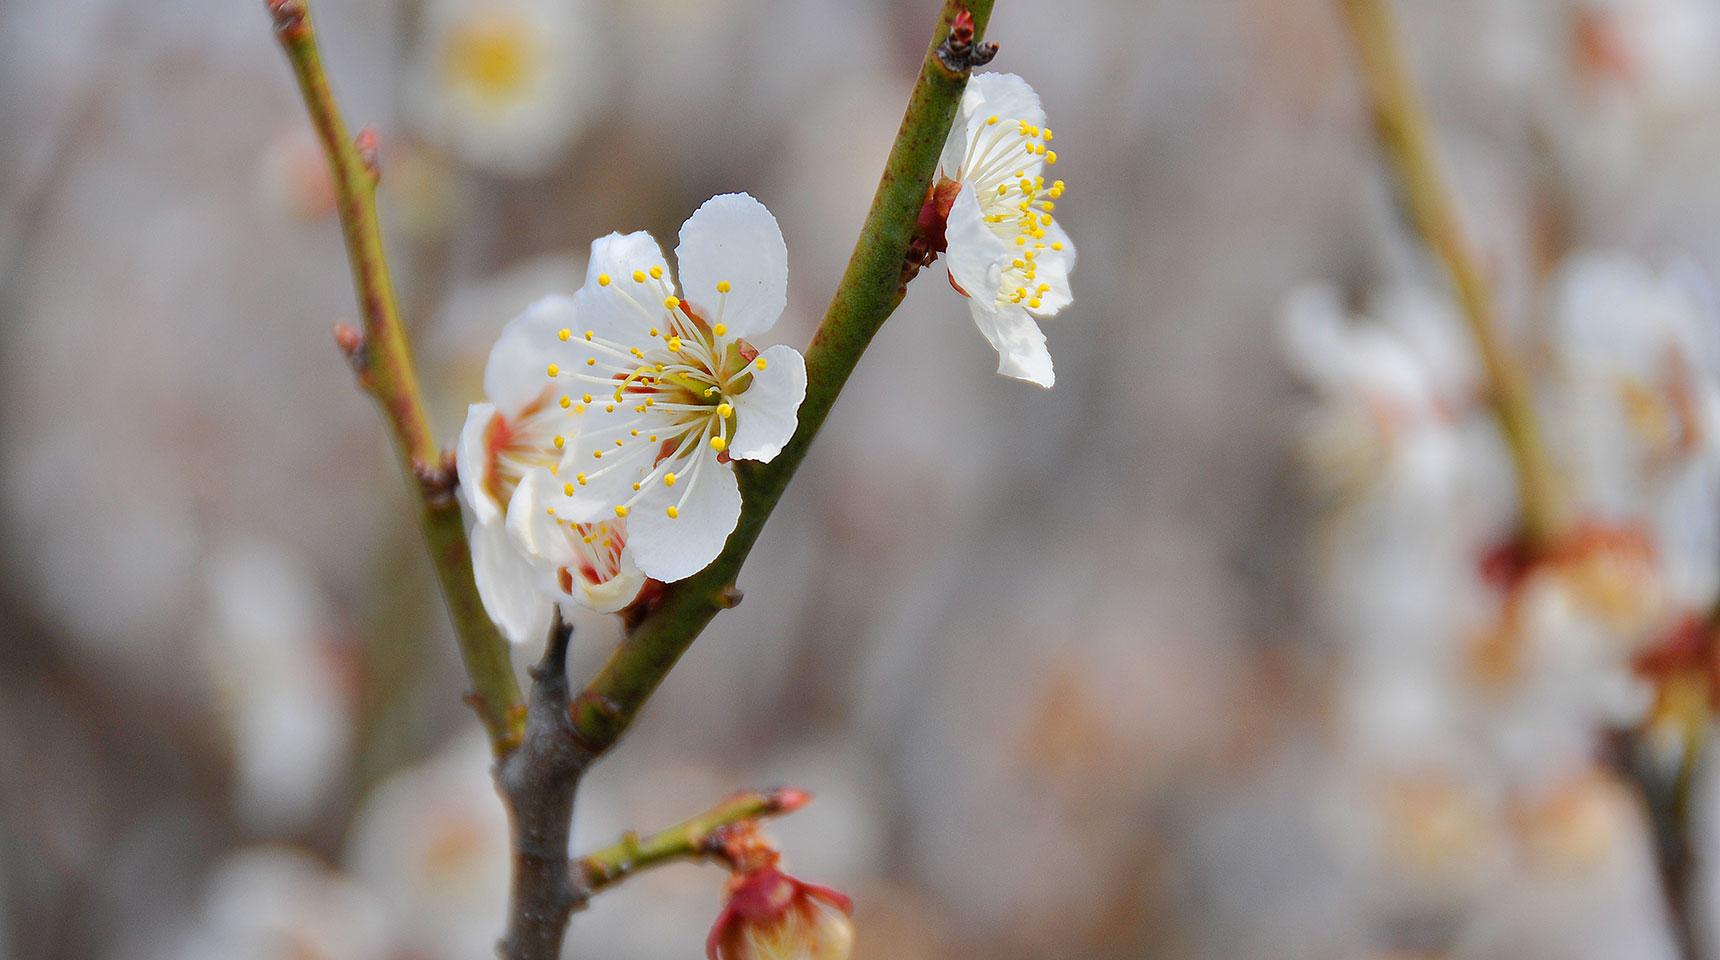 スライド 205 梅の開花早春の木崎湖畔